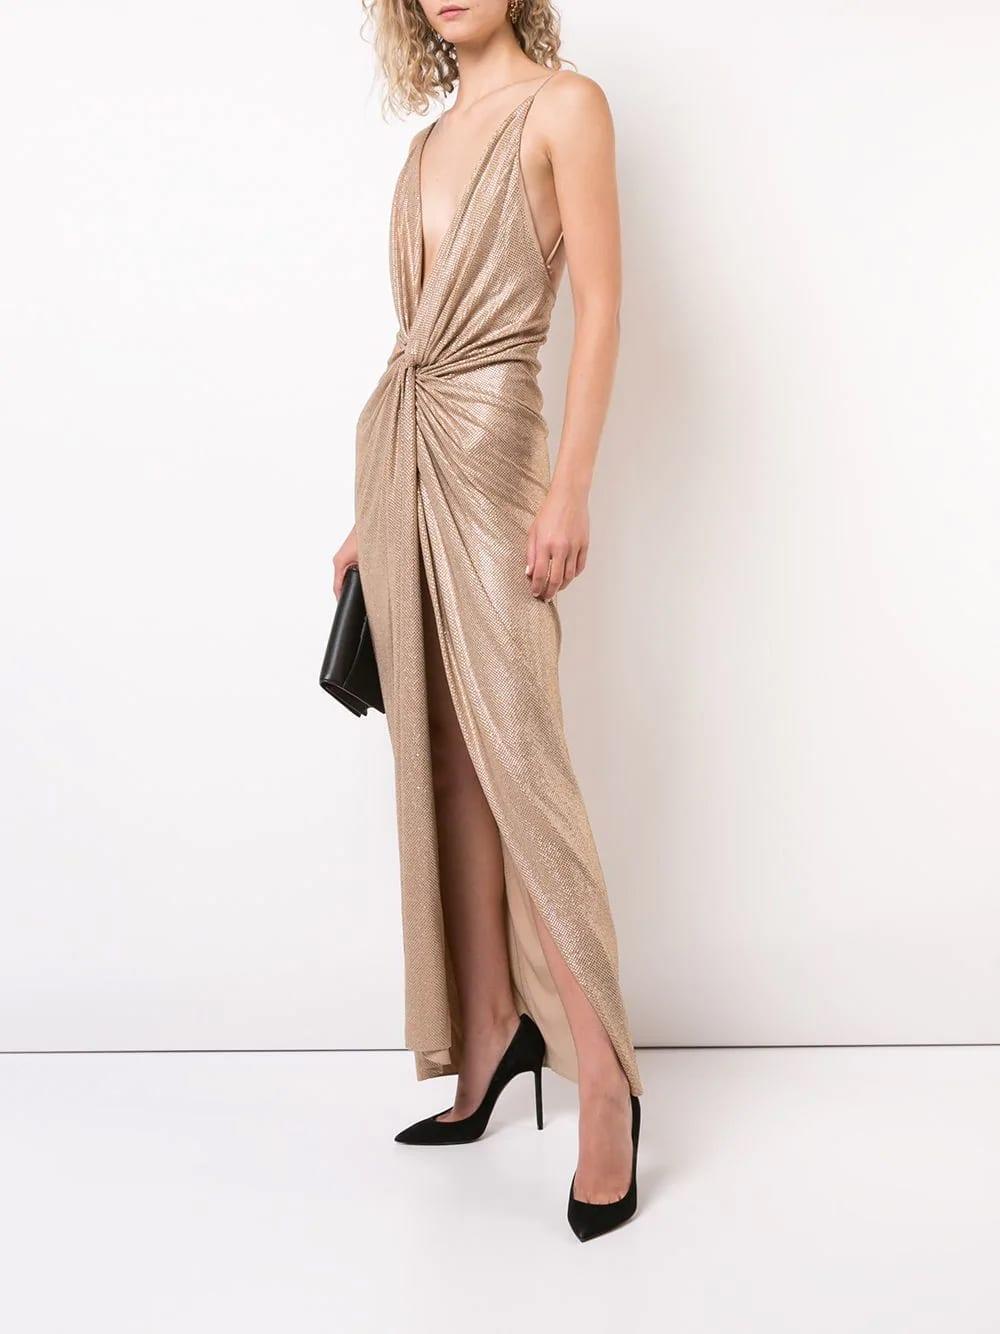 ALEXANDRE-VAUTHIER-Metallic-Studded-Evening-Gold-Gown